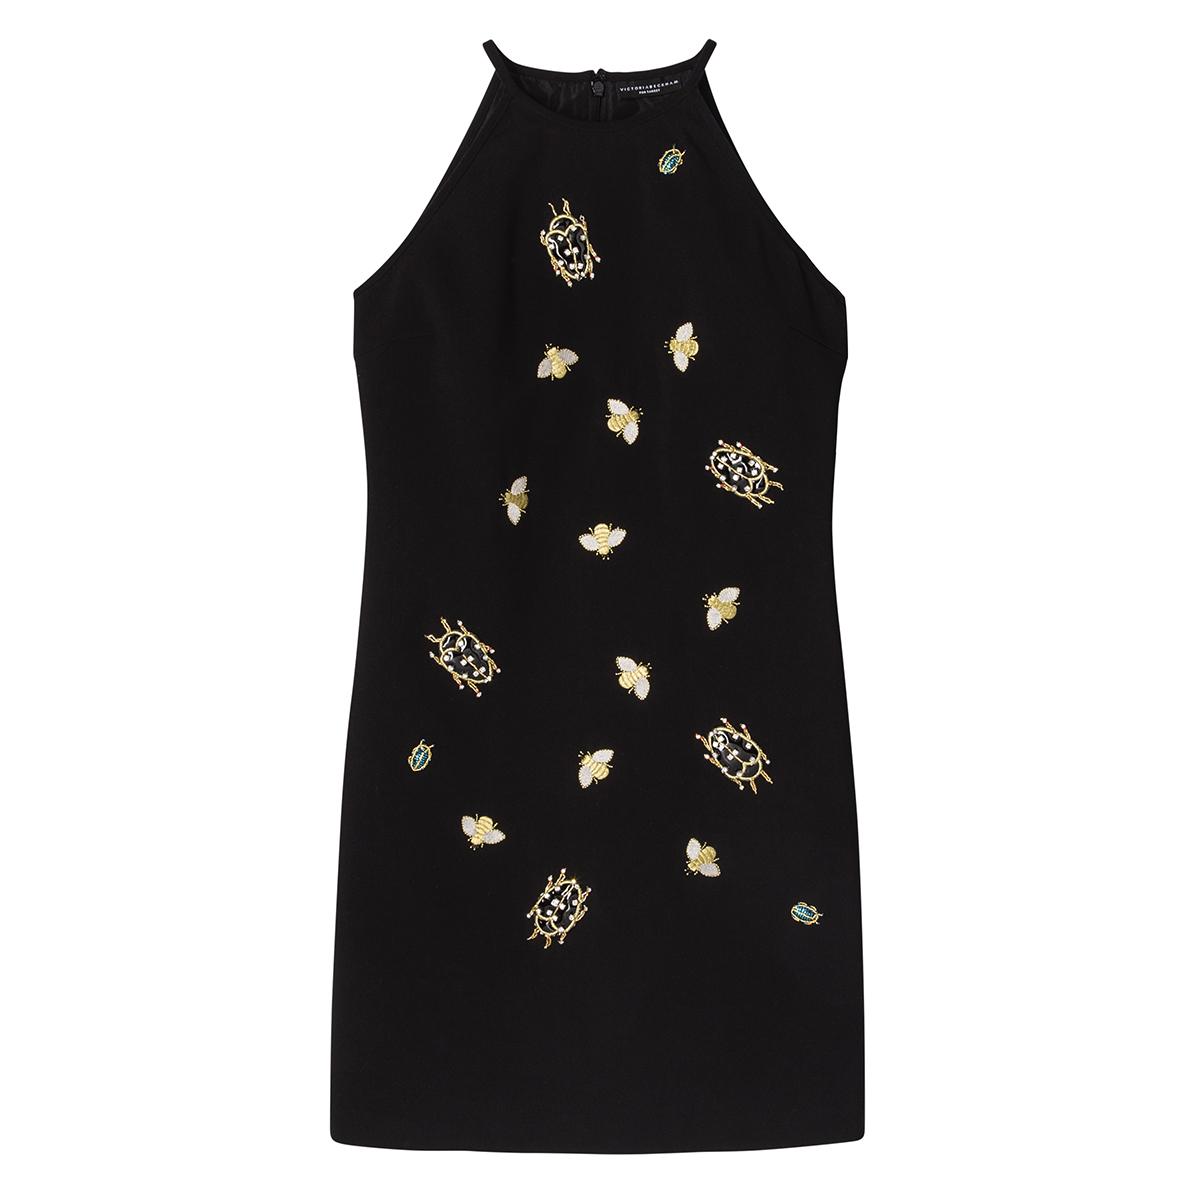 Black Embellished Bug Dress, $60